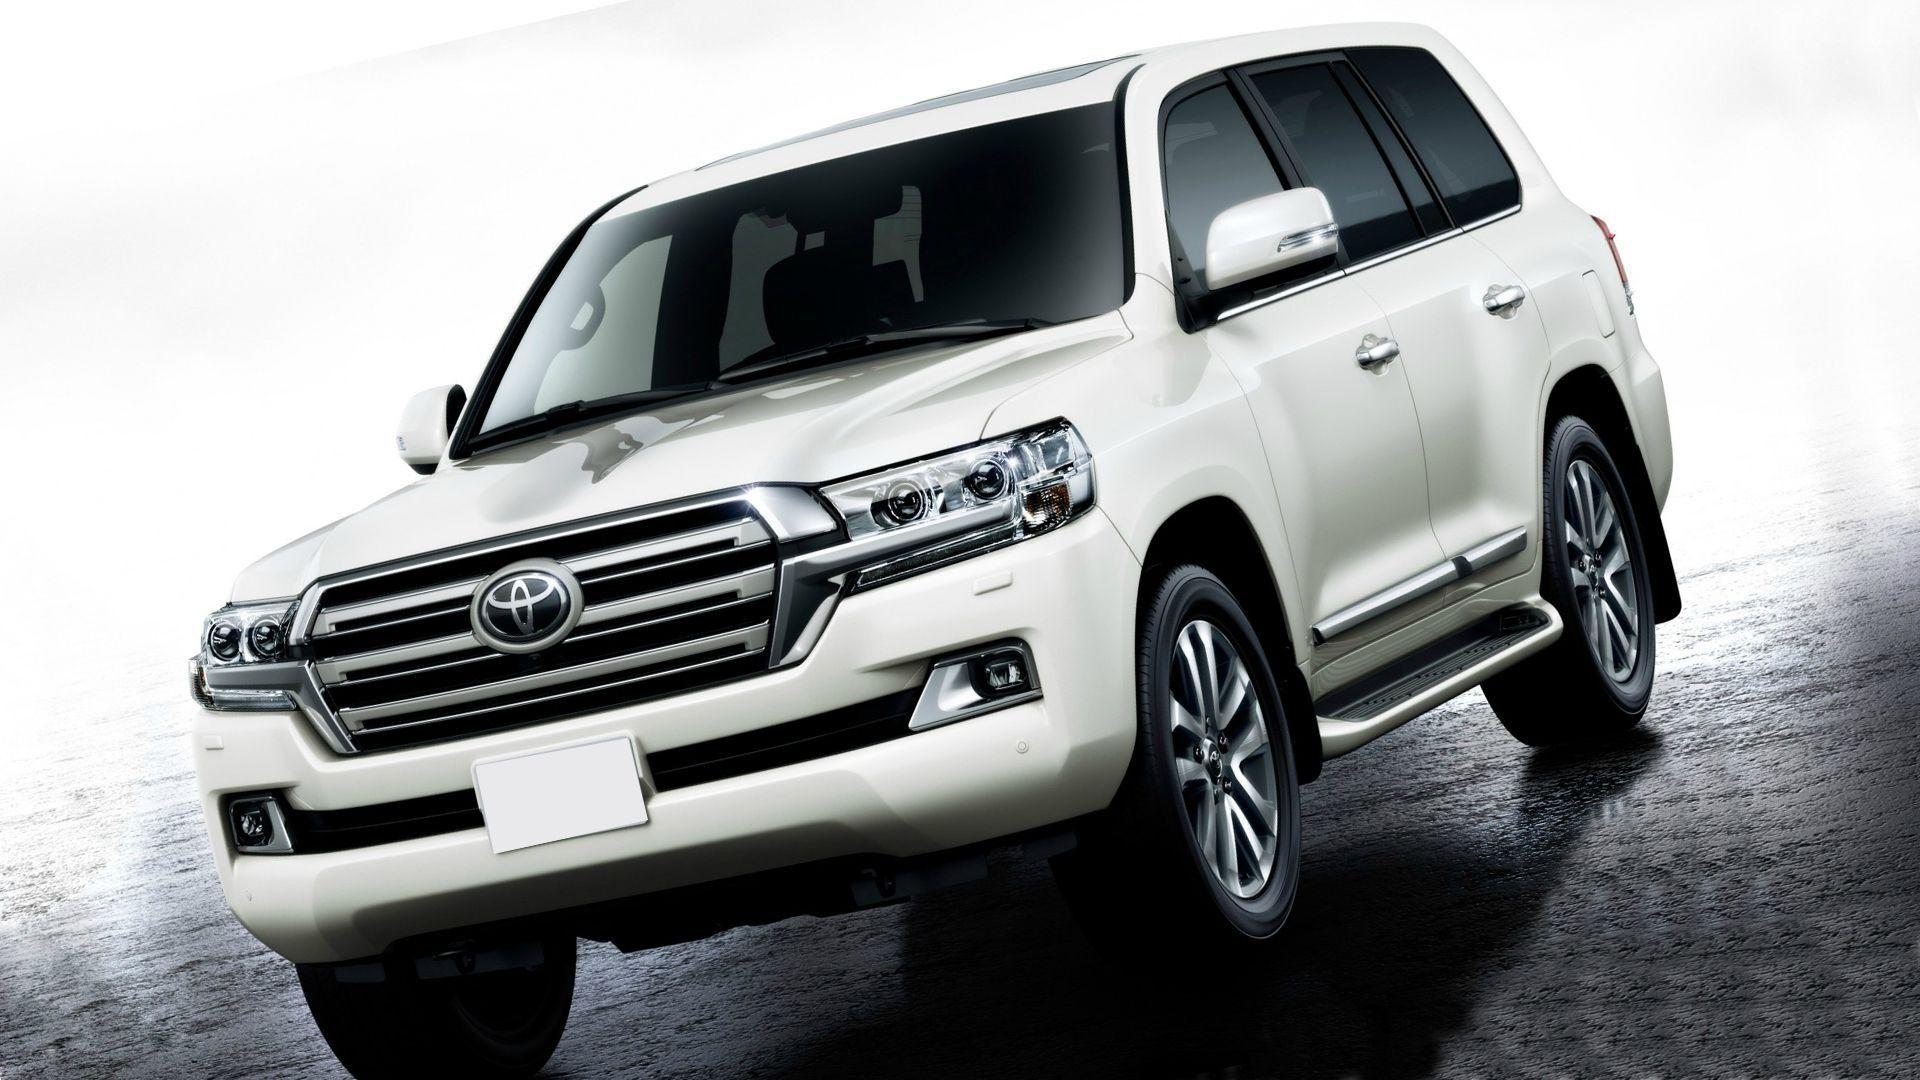 2019 Toyota Land Cruiser Diesel Toyota Land Cruiser Diesel Toyota Land Cruiser Land Cruiser